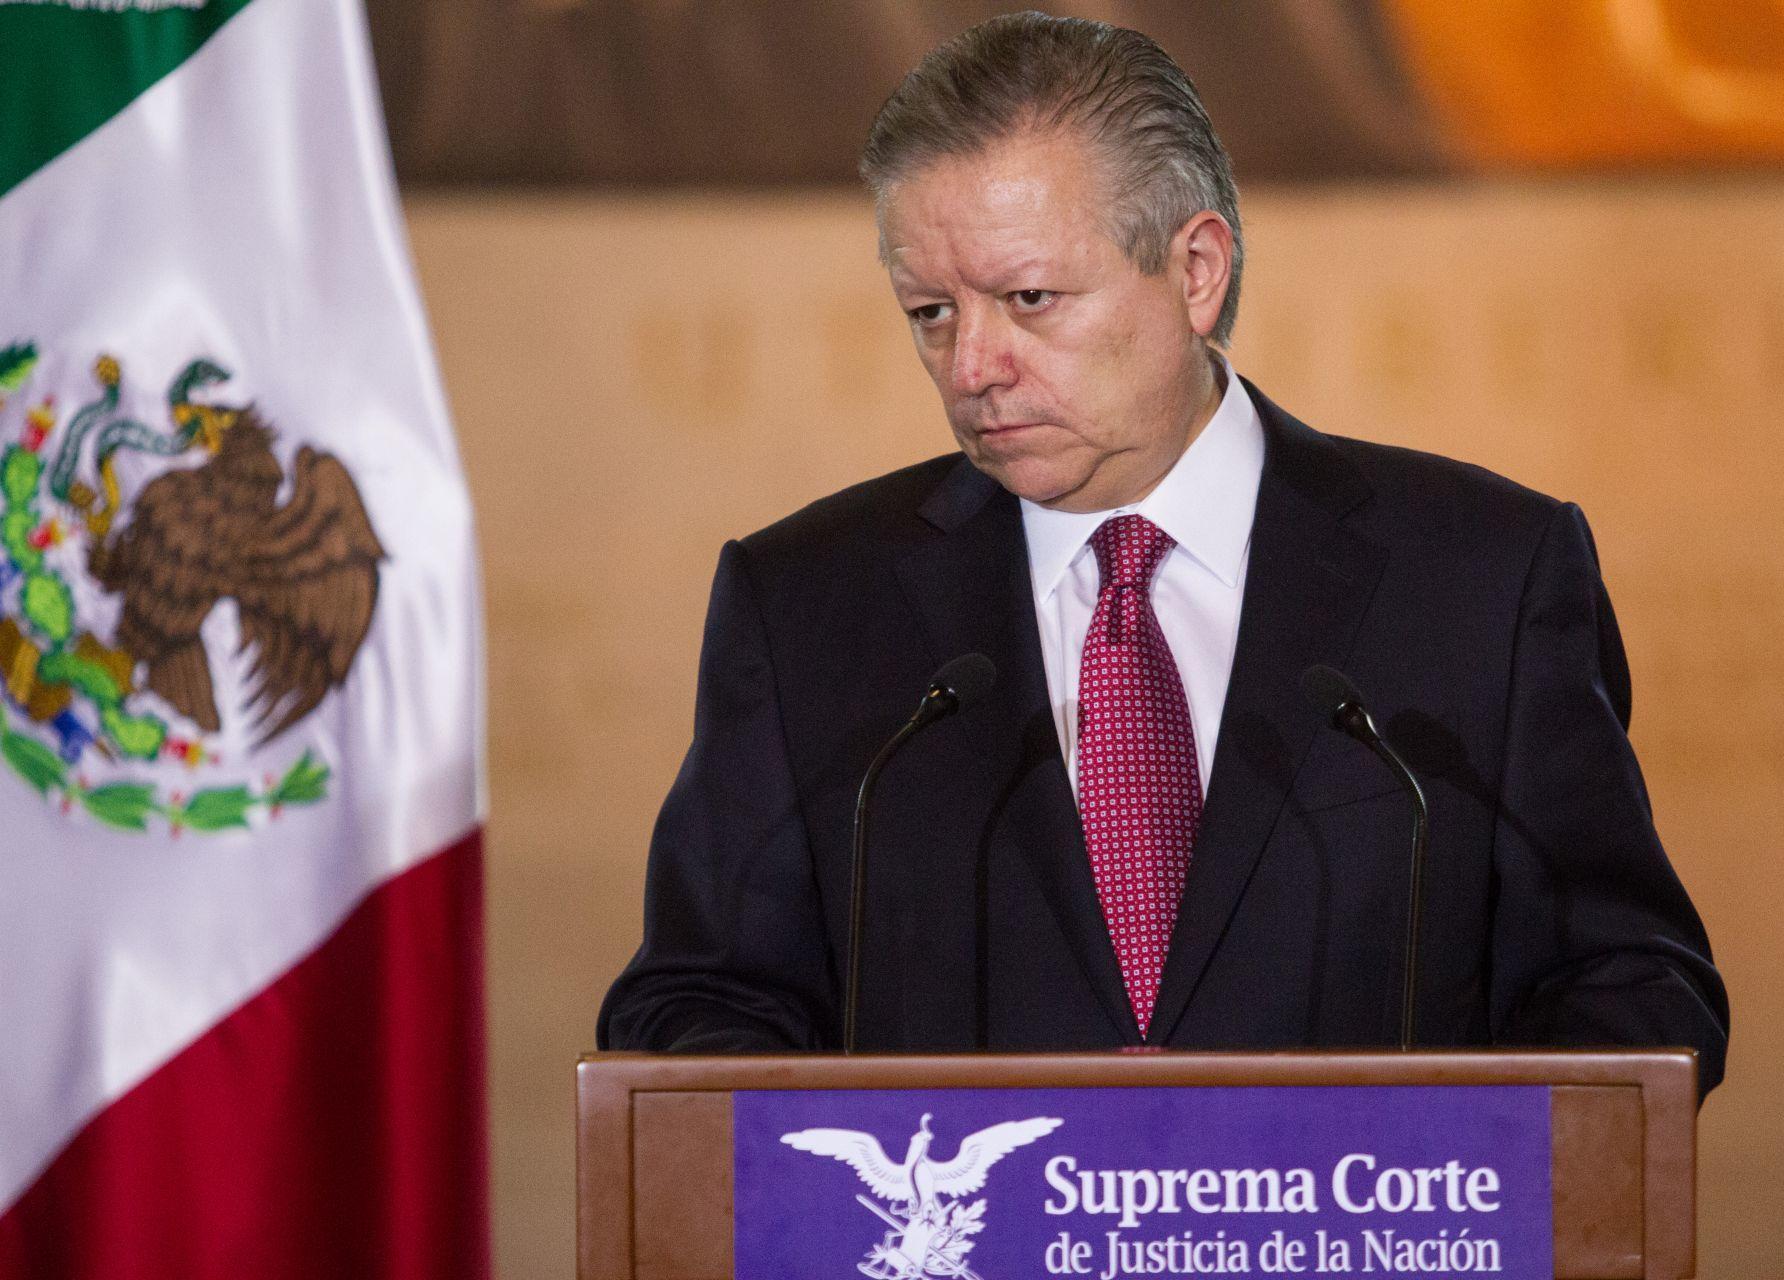 Ministro presidente Zaldívar inicia consulta sobre ampliación de su cargo en la Suprema Corte de Justicia de México